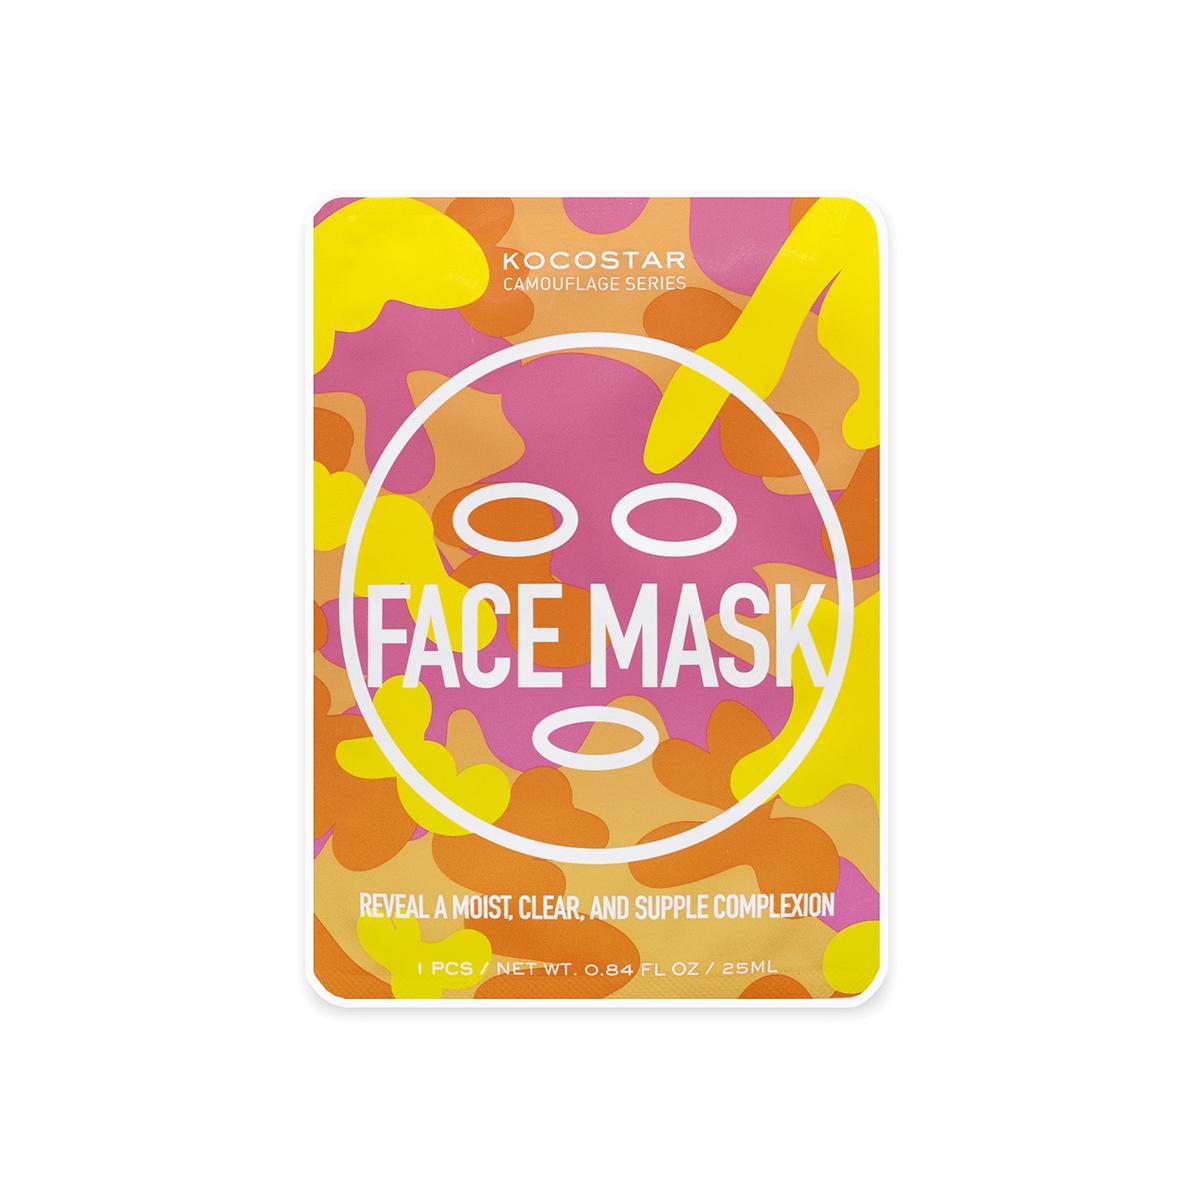 Купить KOCOSTAR Маска для лица с лифтинг эффектом / Camouflage Face Mask 25 мл